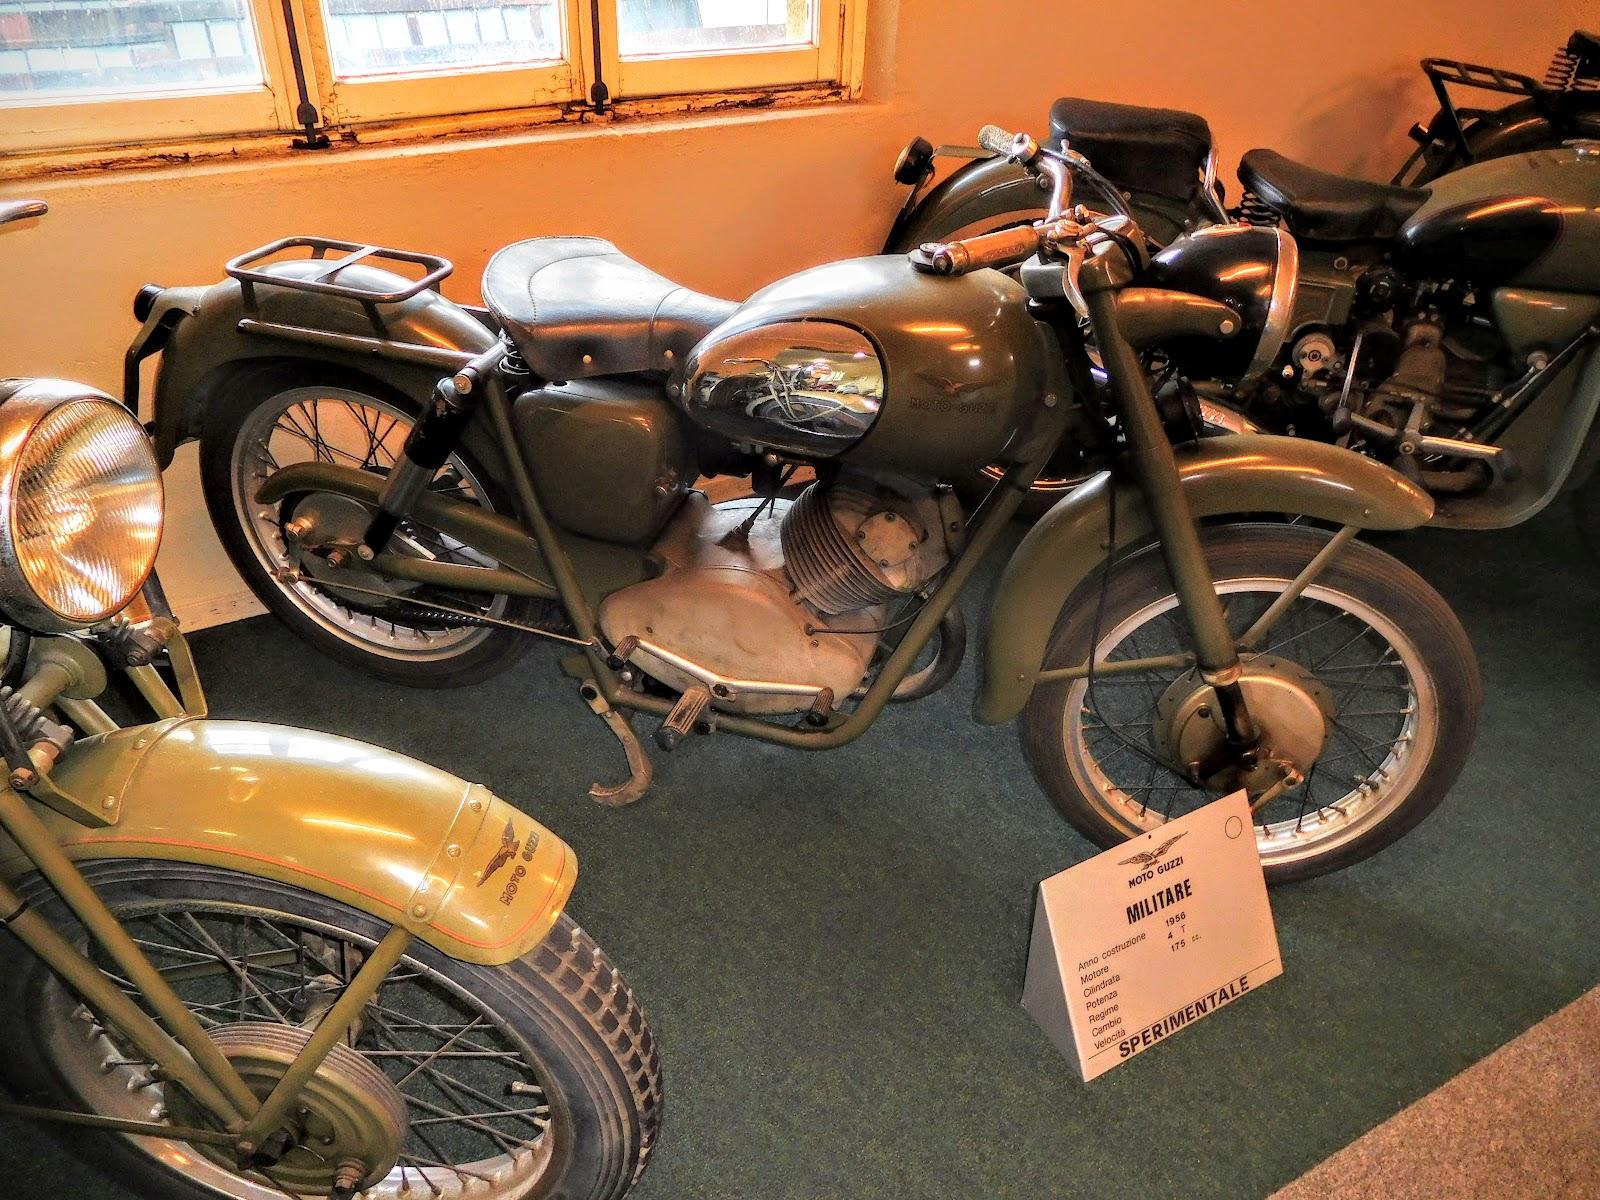 Tigho NYDucati: 1955 Moto Guzzi Militare